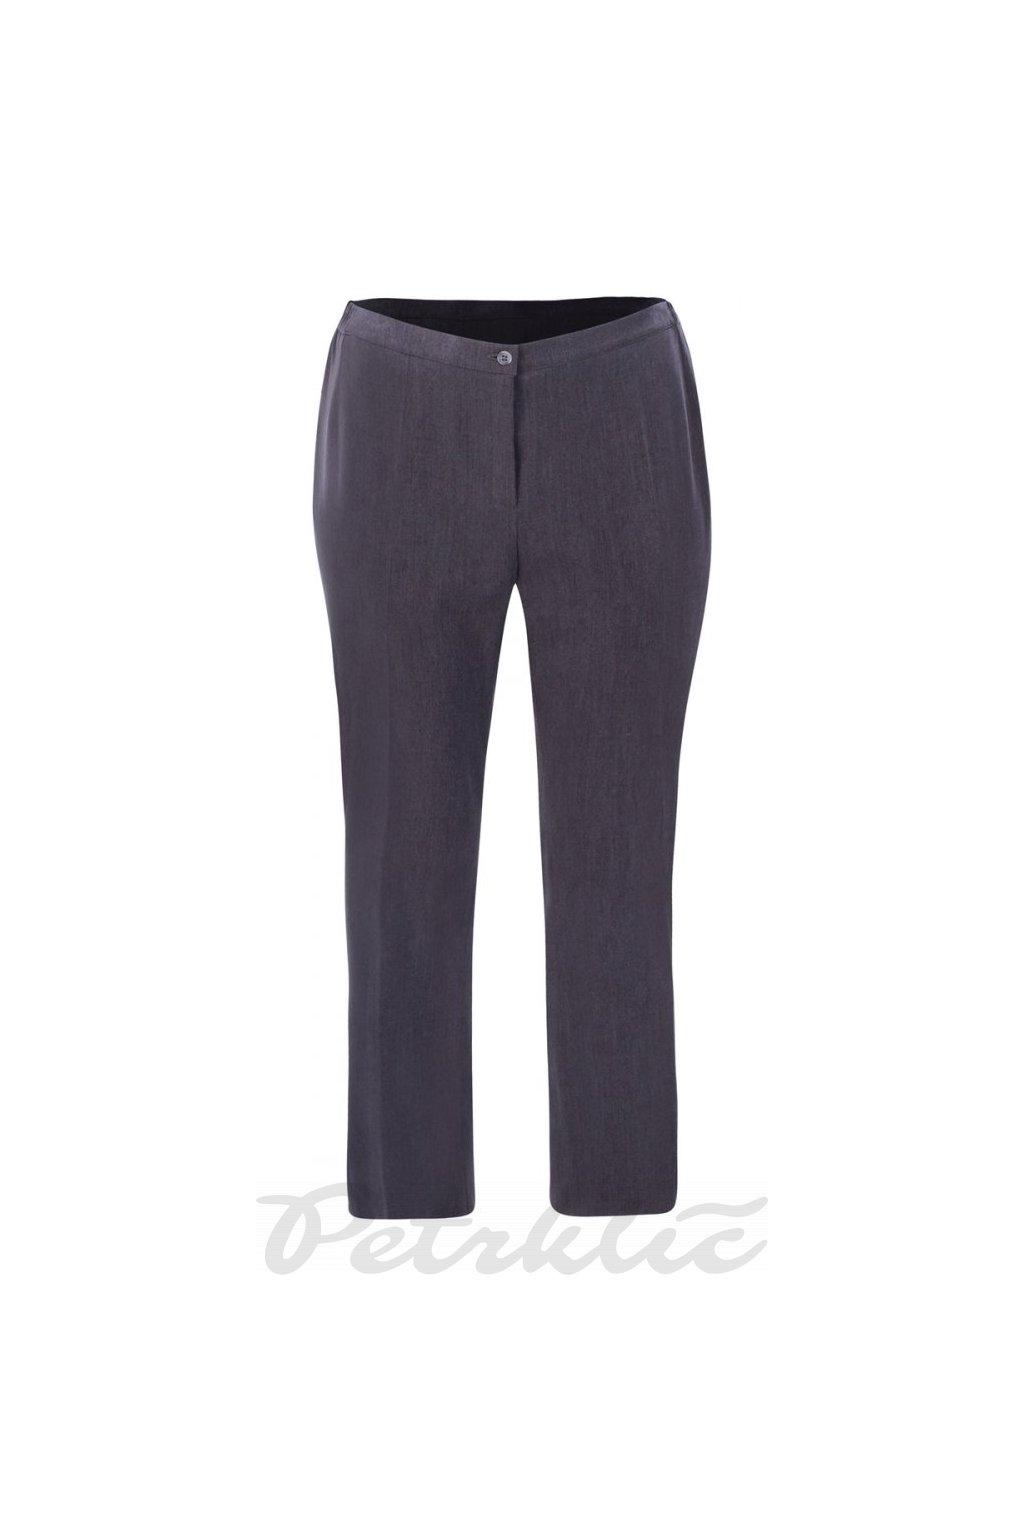 ALEX - kalhoty vnitřní délka 70 cm